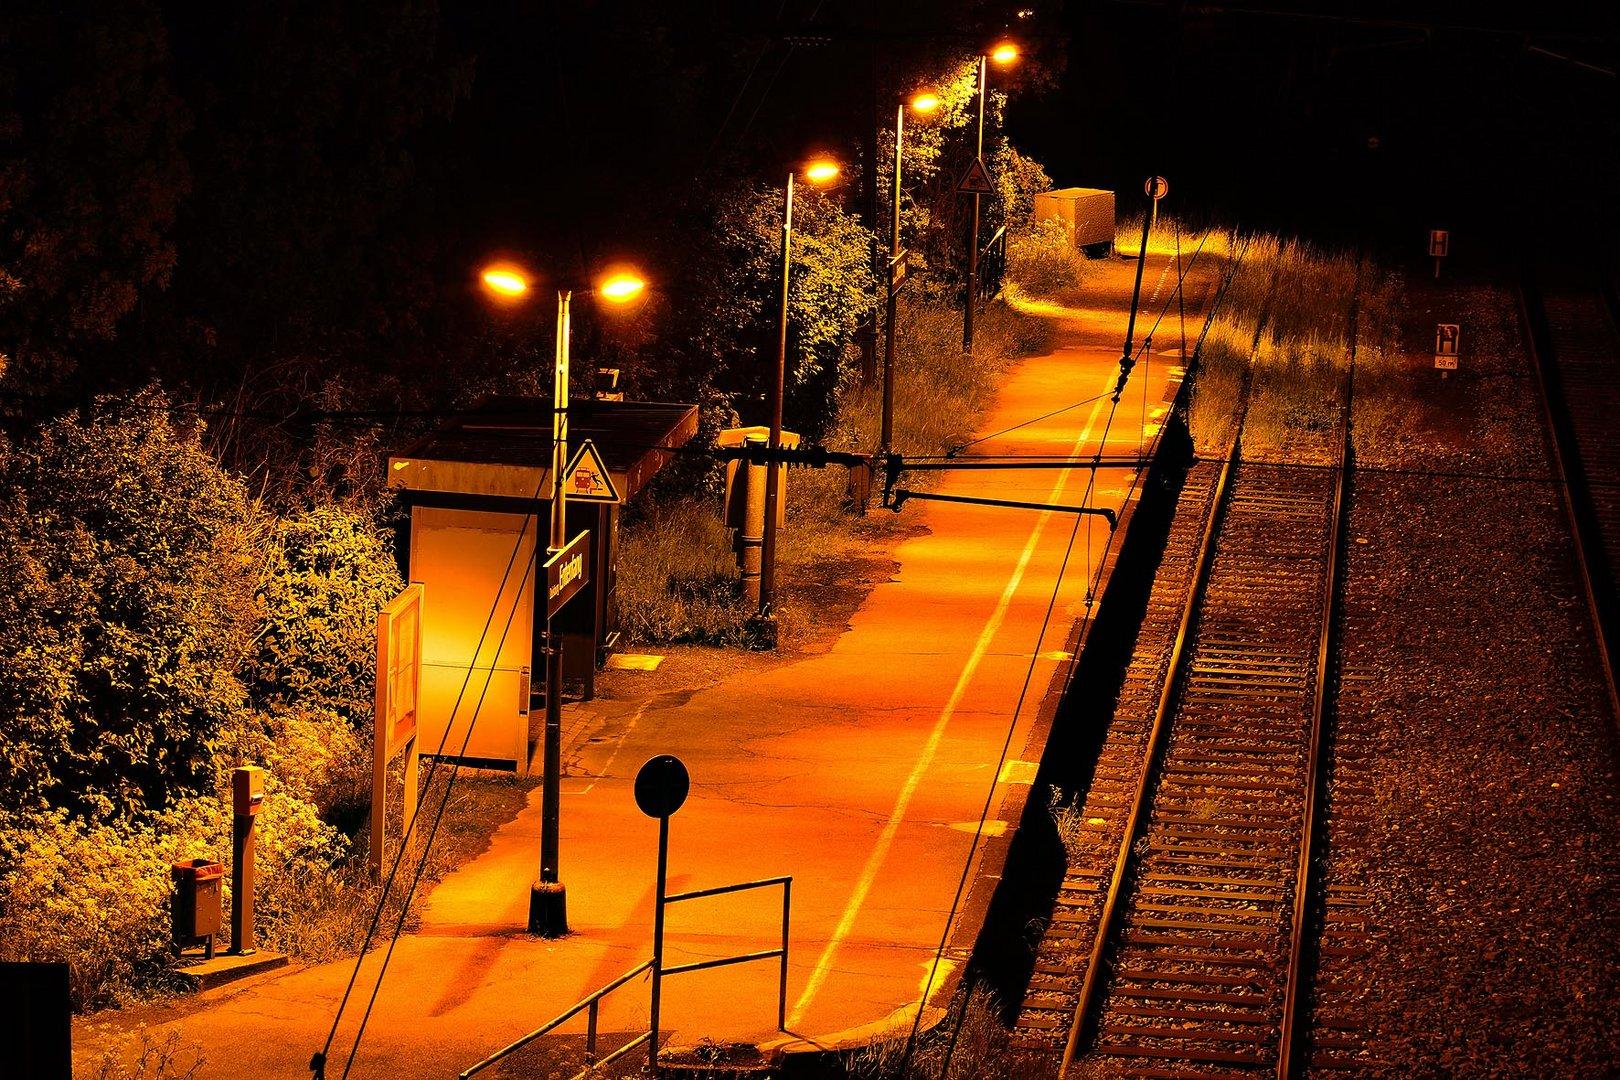 Der kleine Bahnhof!